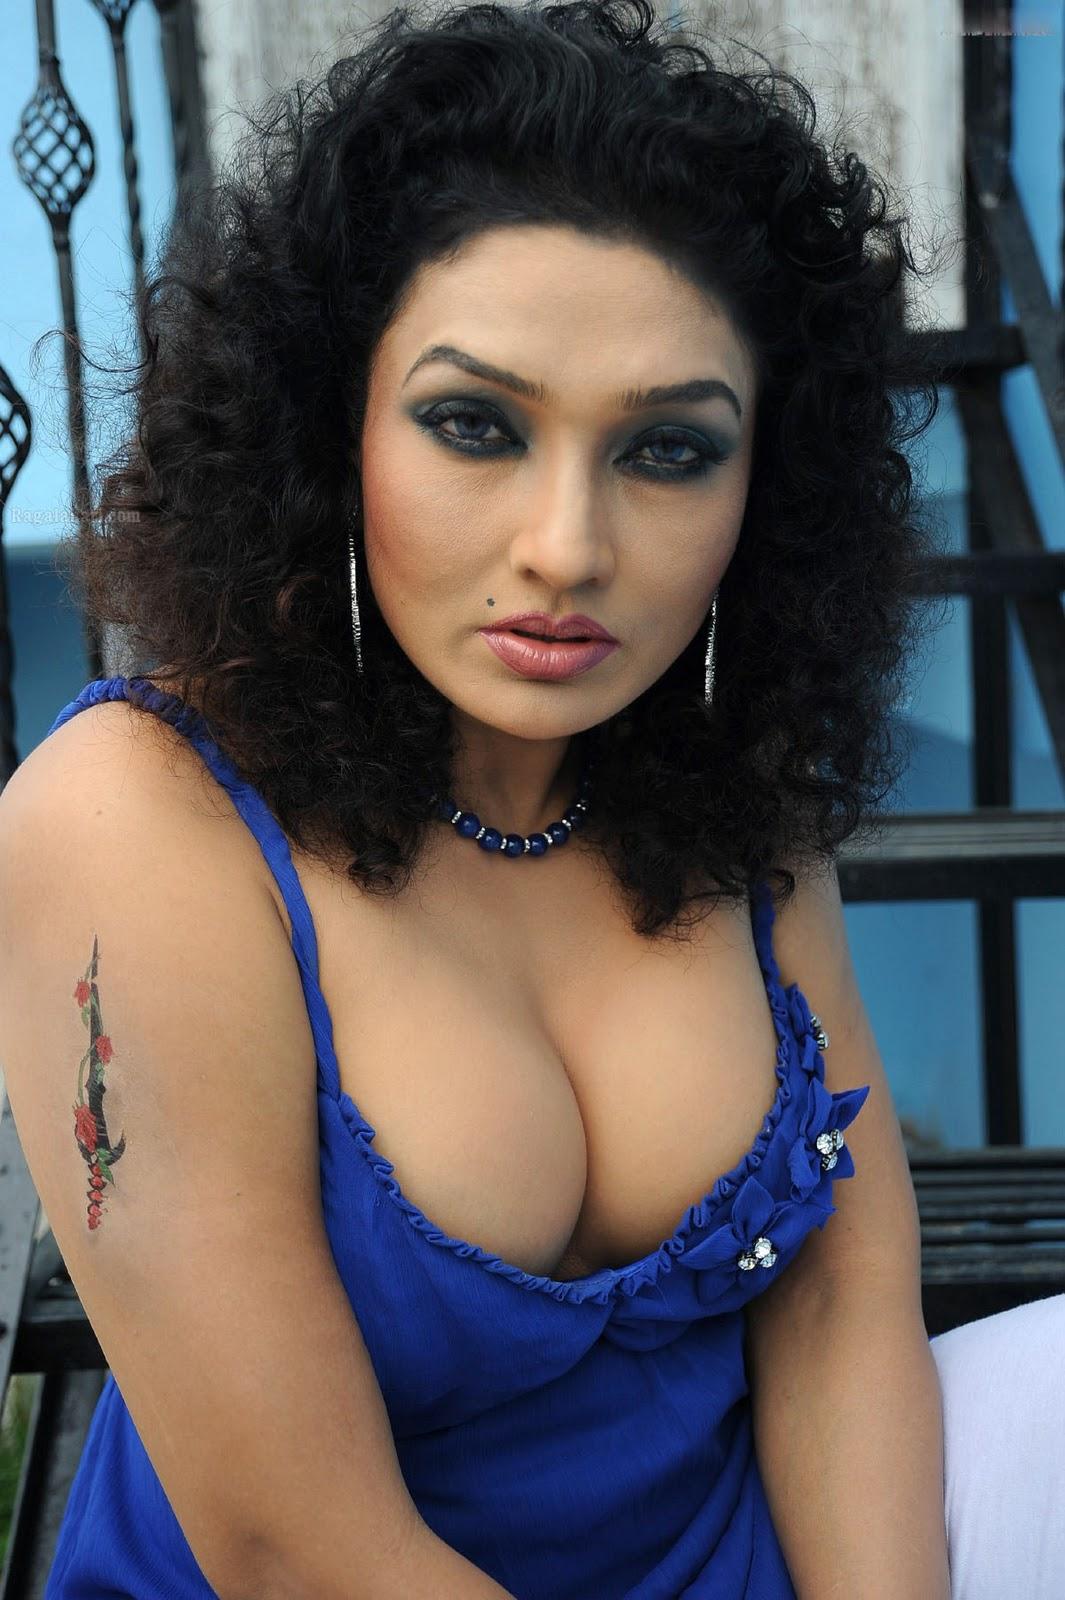 http://3.bp.blogspot.com/-O8qCL_AUxnI/Ts3kKzHufUI/AAAAAAAACGs/qfkhIXOIwsQ/s1600/ramya+sri+hot+sexy+nude+%252810%2529.jpg